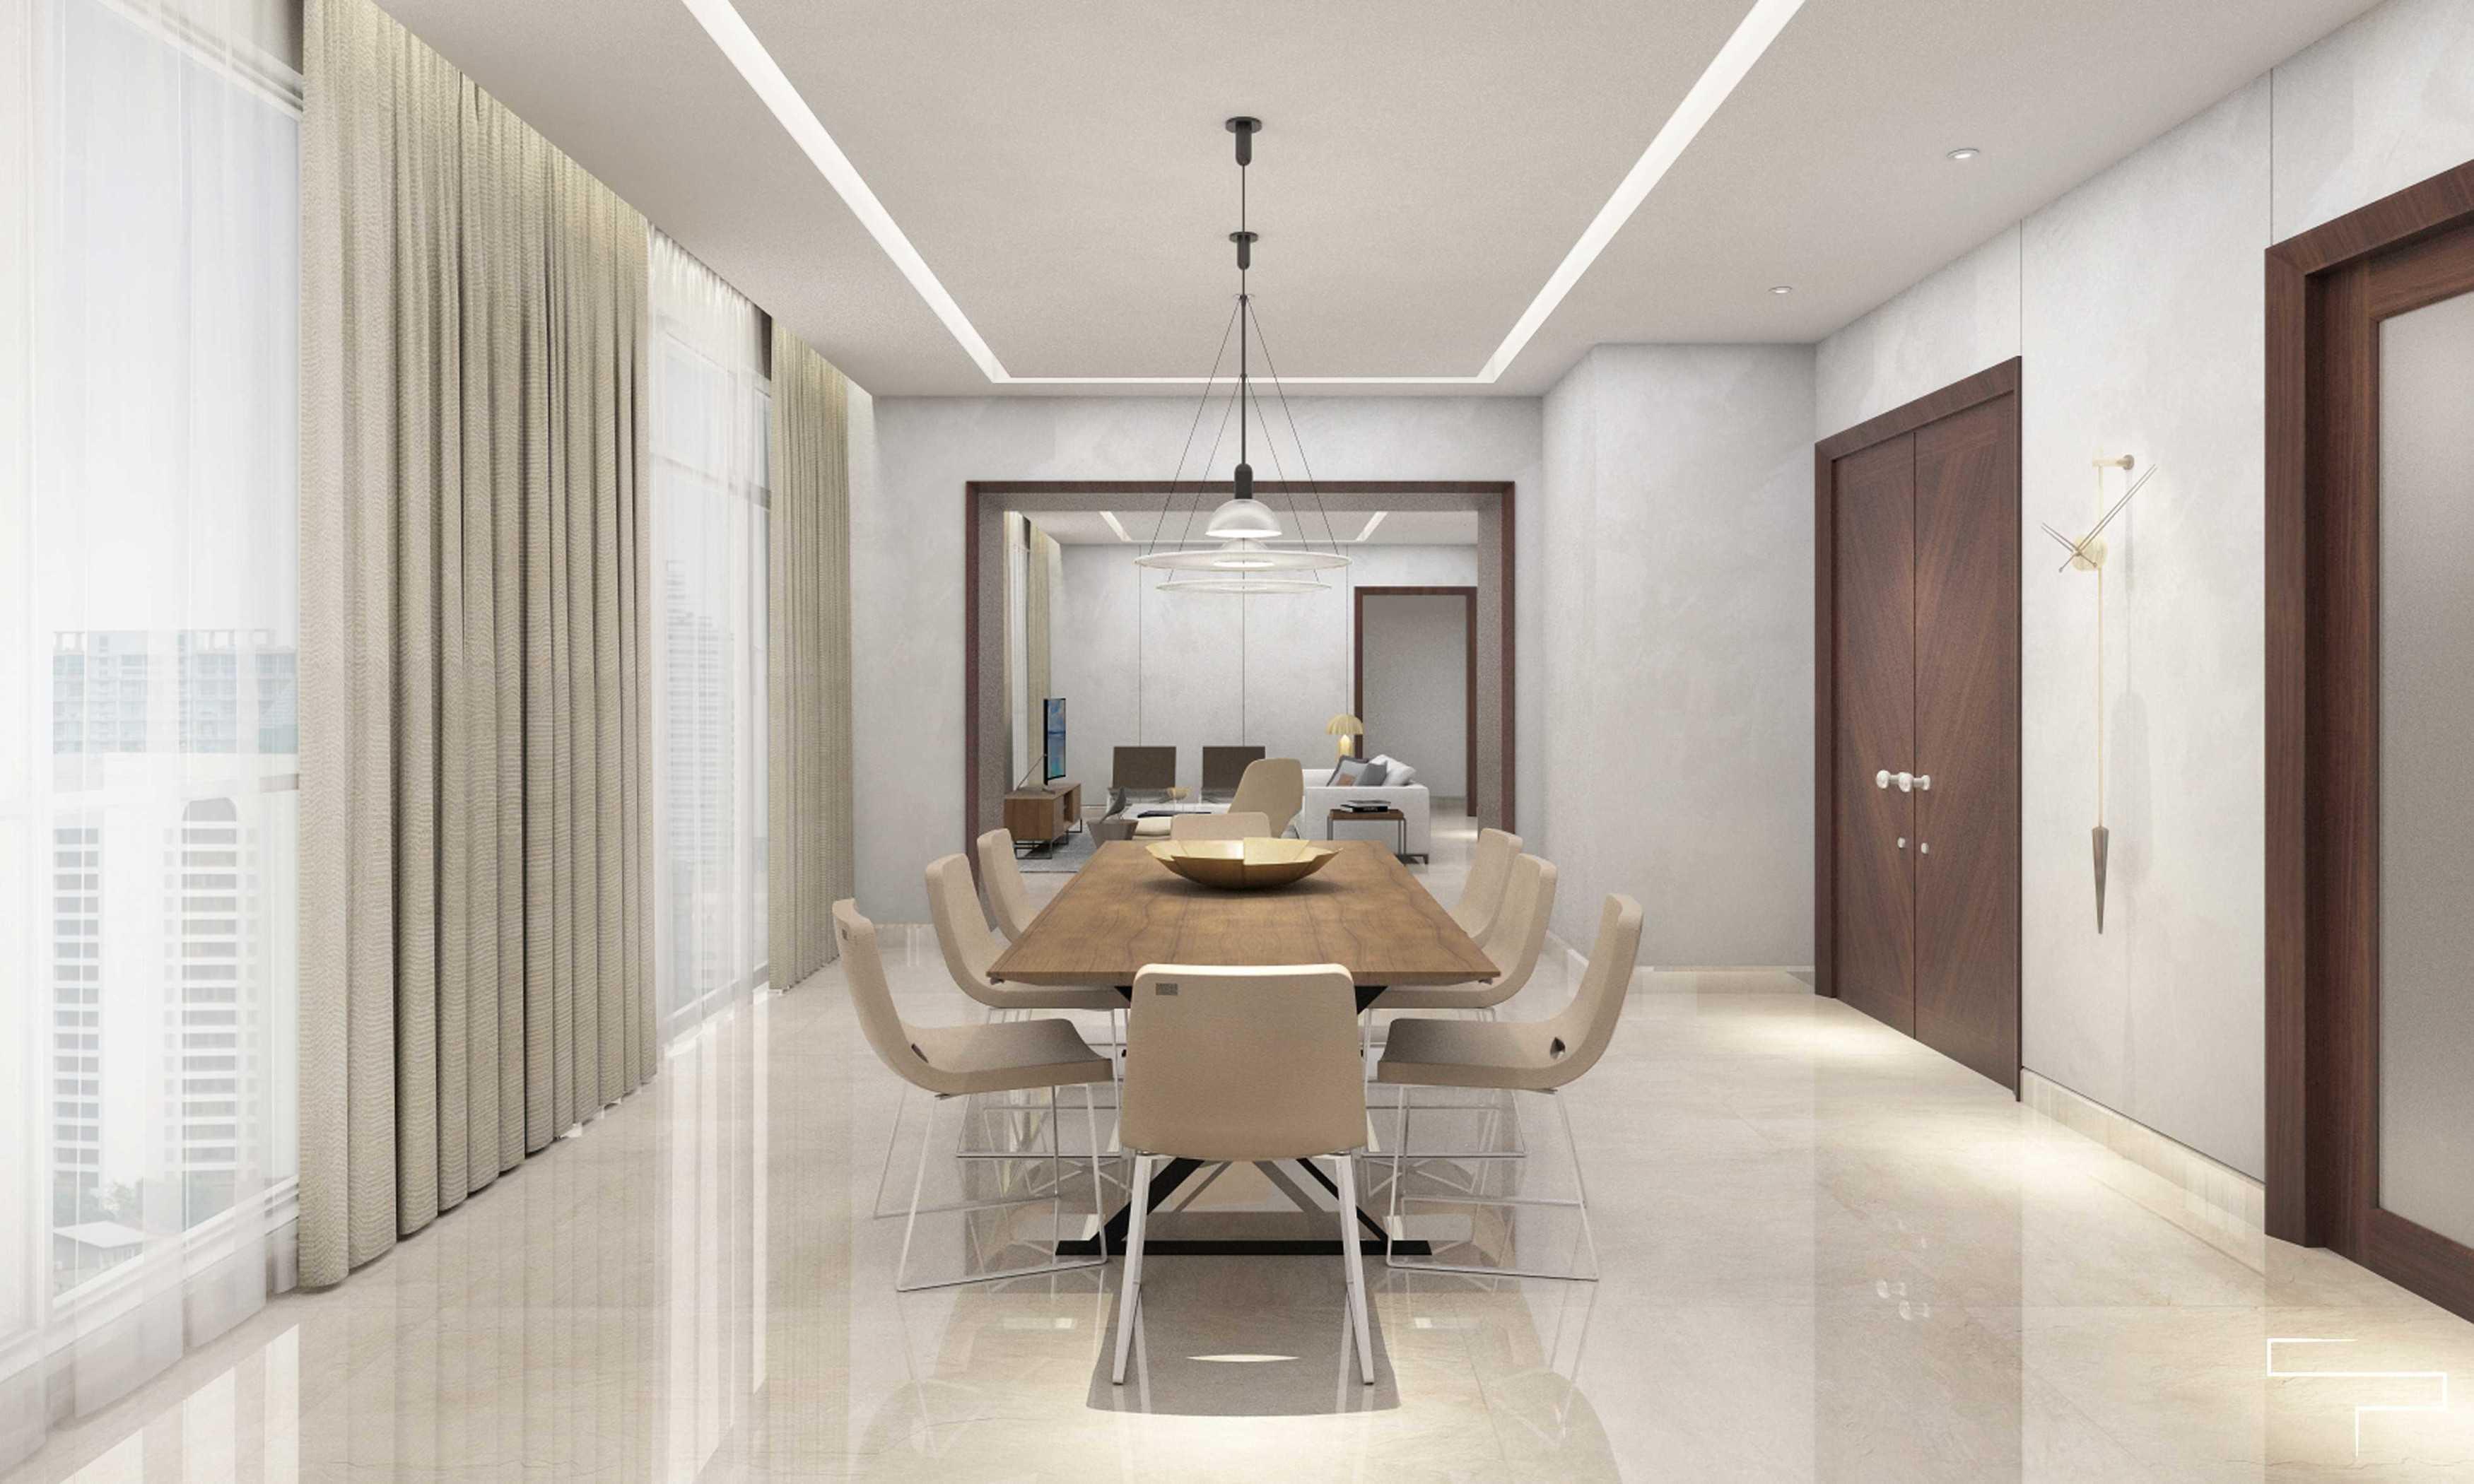 Sontani Partners 9B Residence Pakubuwono  Pakubuwono  Dining Room Kontemporer,wood,modern  27615